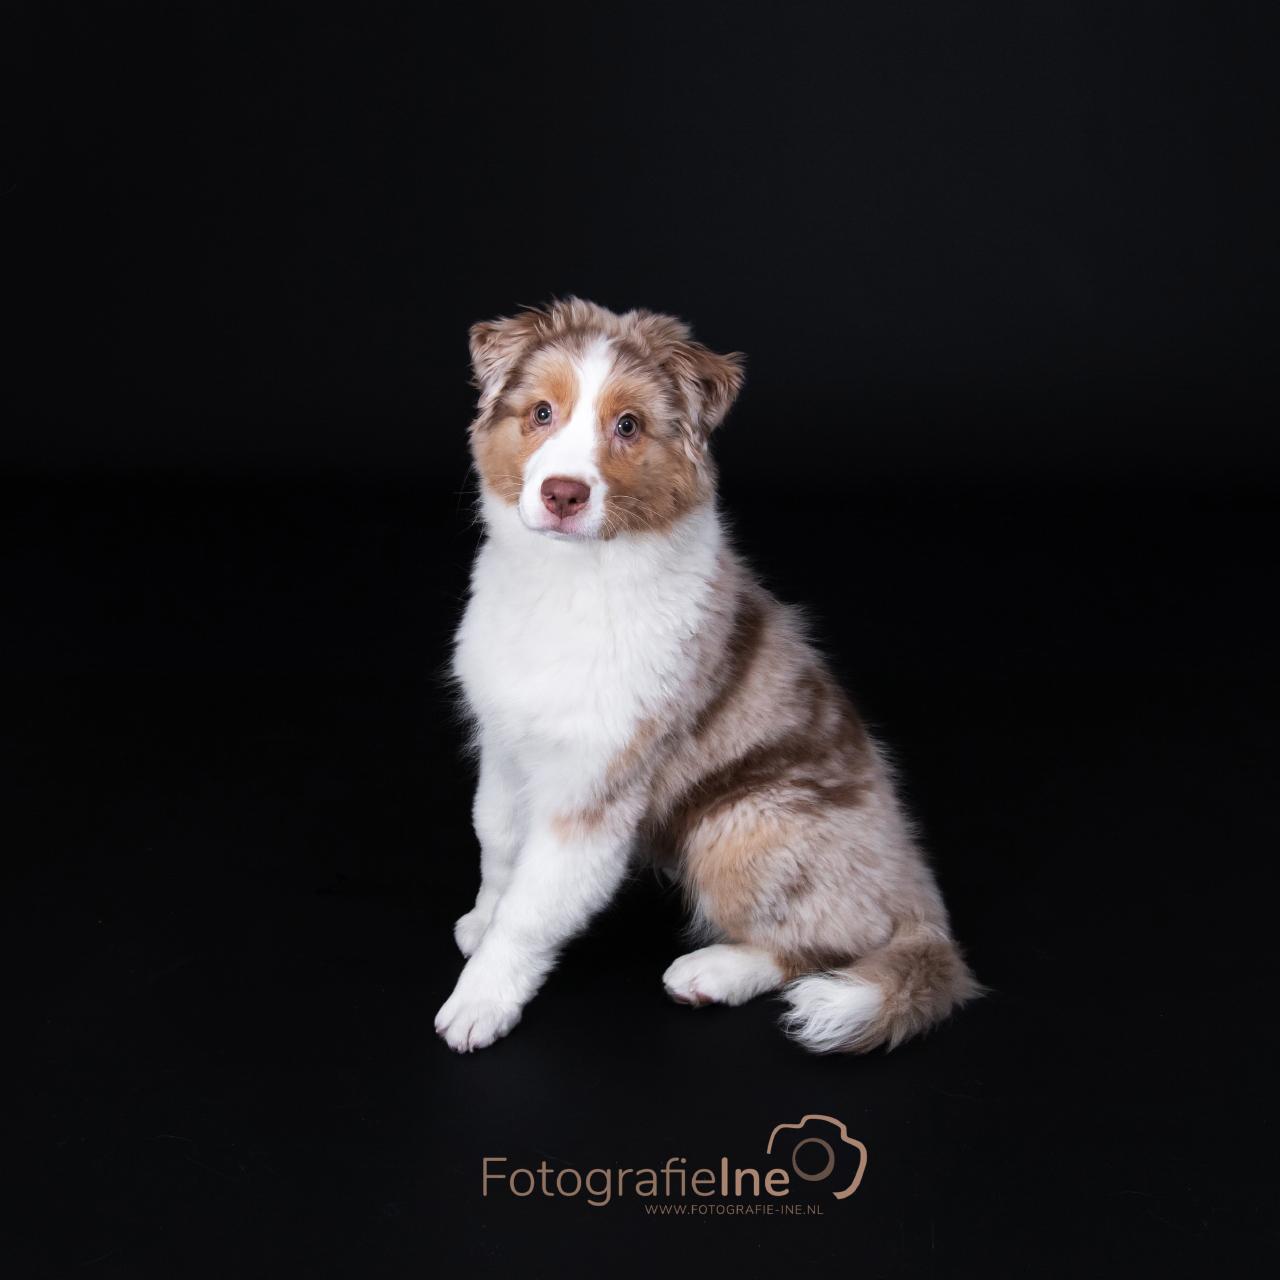 Fotografie Ine fotoshoot Boekel hond